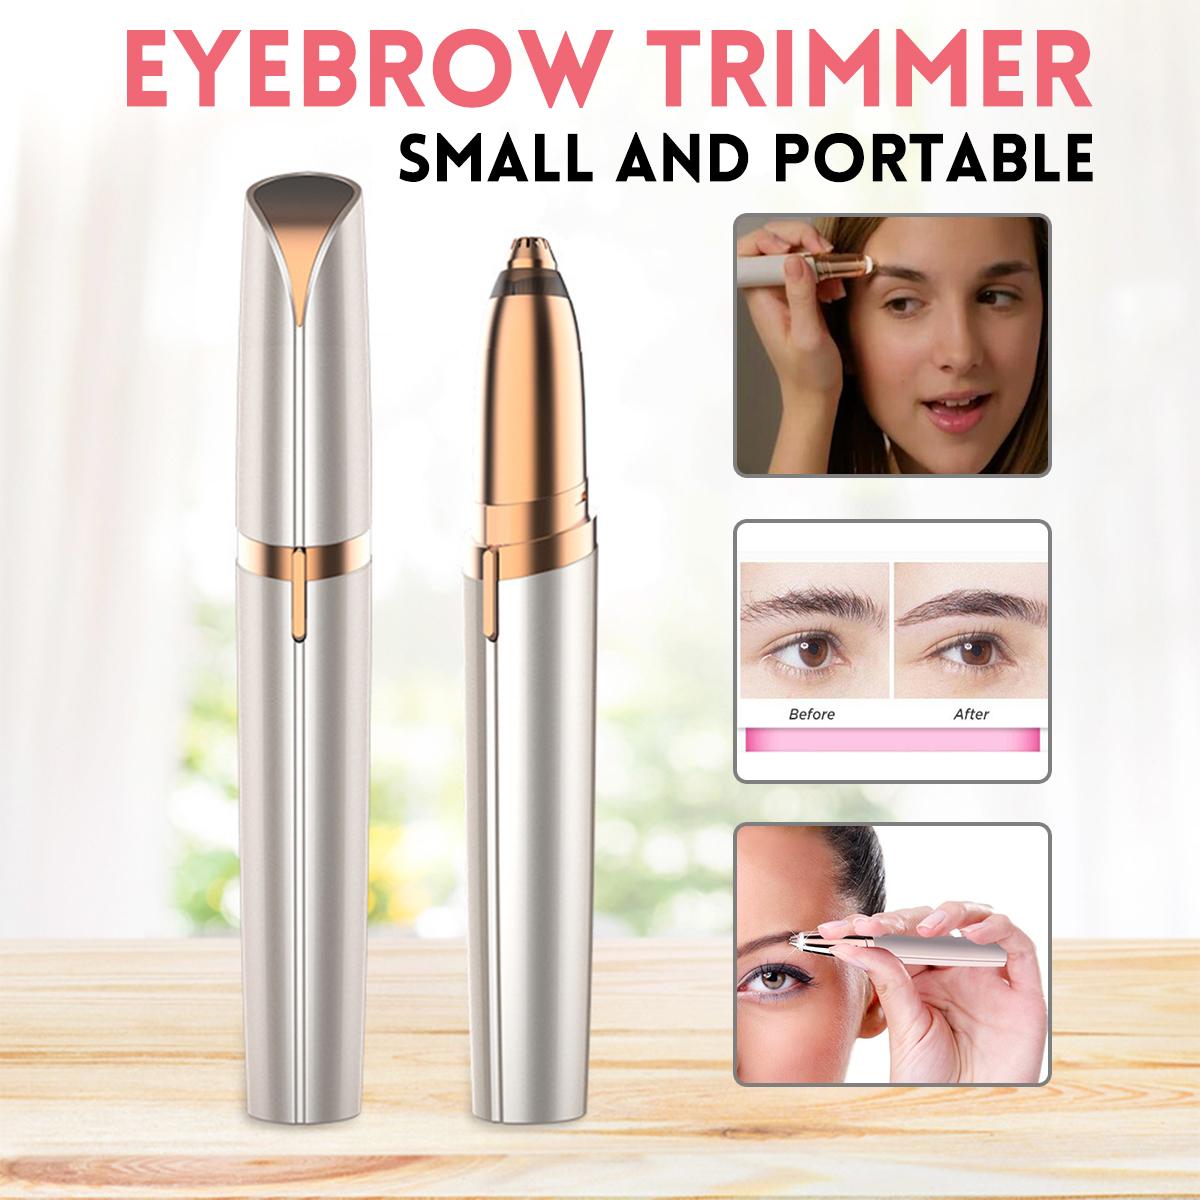 Painless Eyebrow Hair Remover Portable Eyebrow Trimmer Razor Lipstick-Sized Eyebrow Epilator Facial Hair Shaver